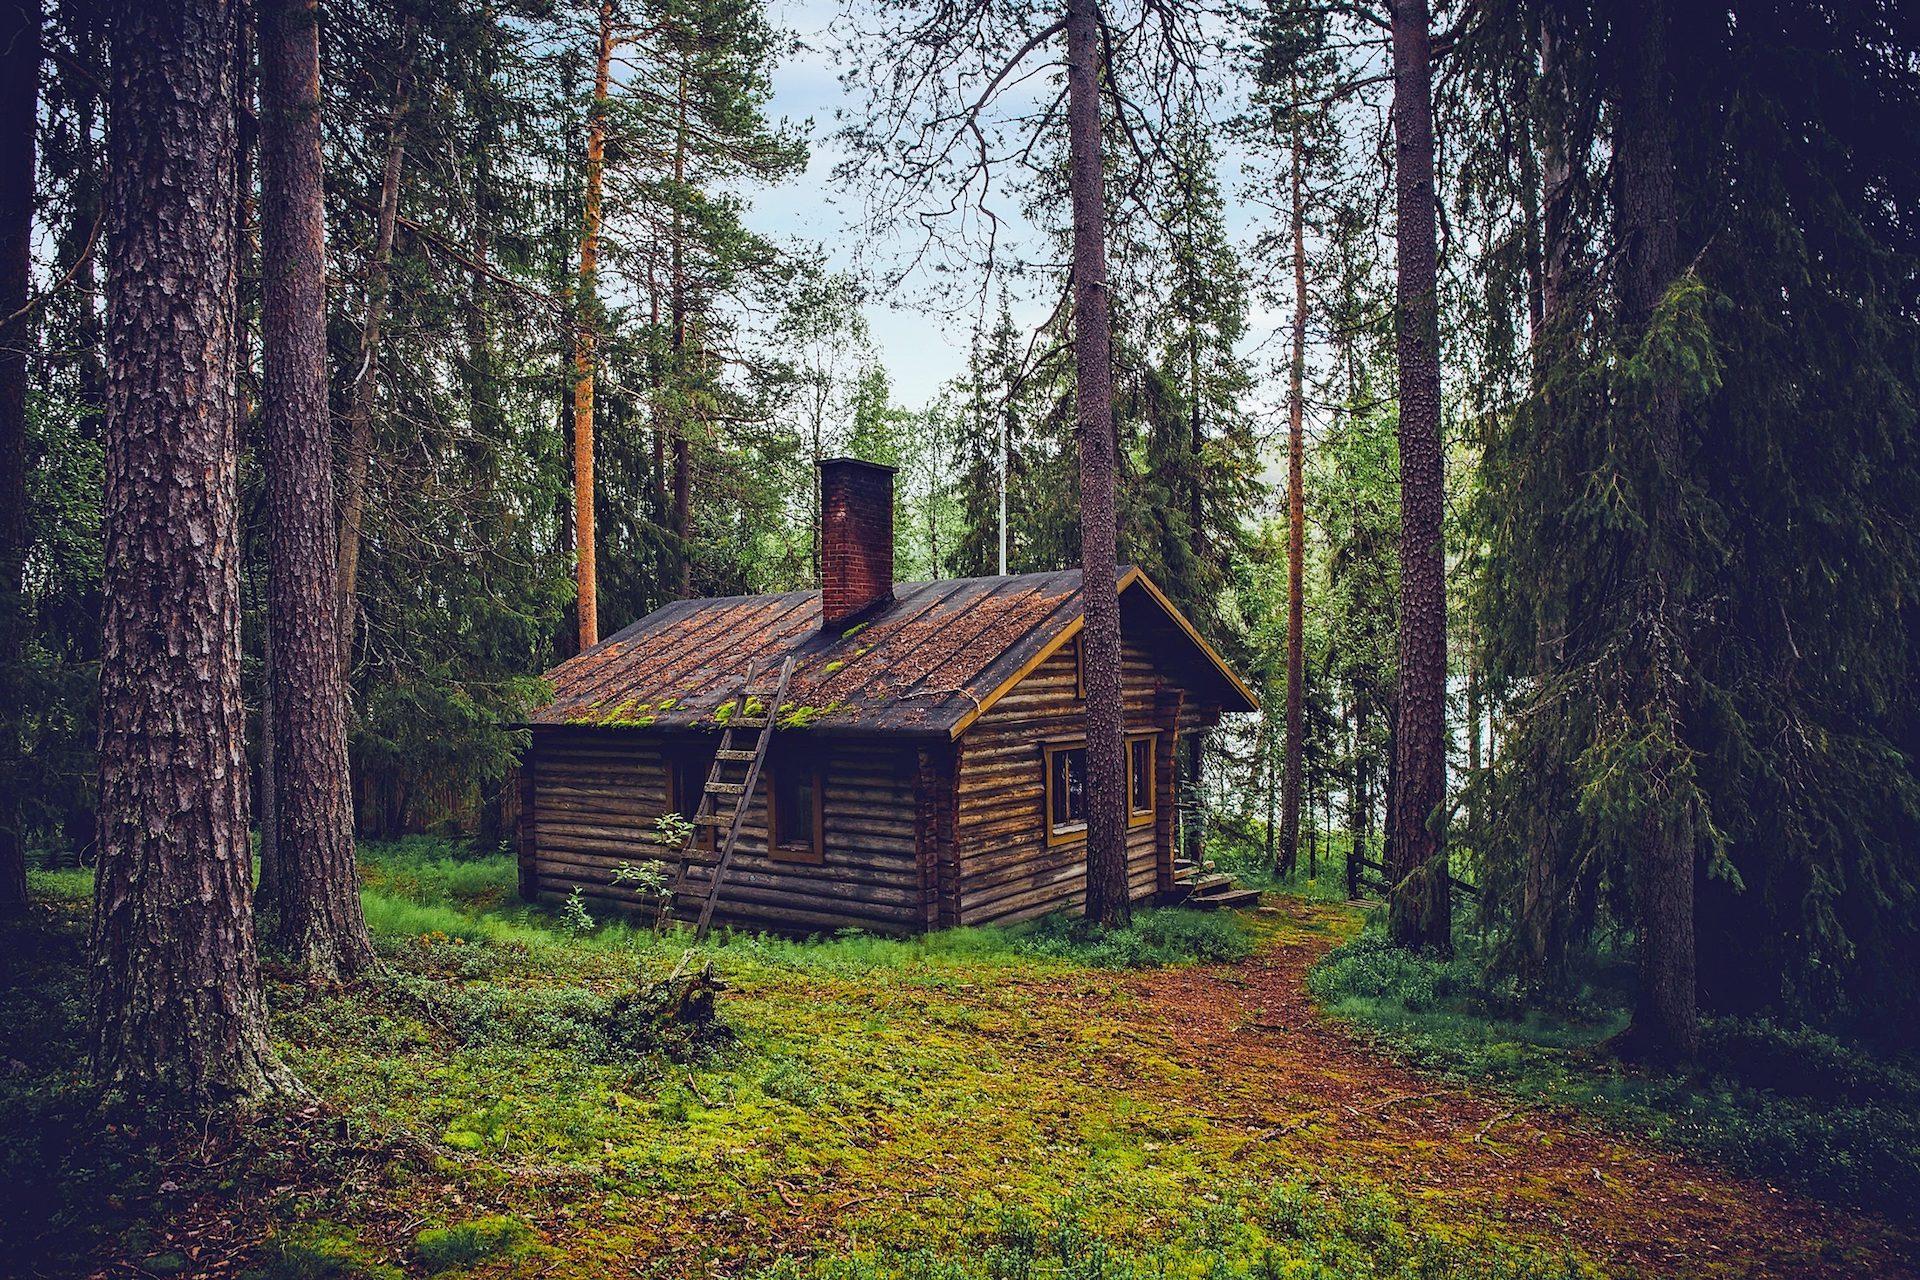 Resultado de imagem para caminho cabana no mato